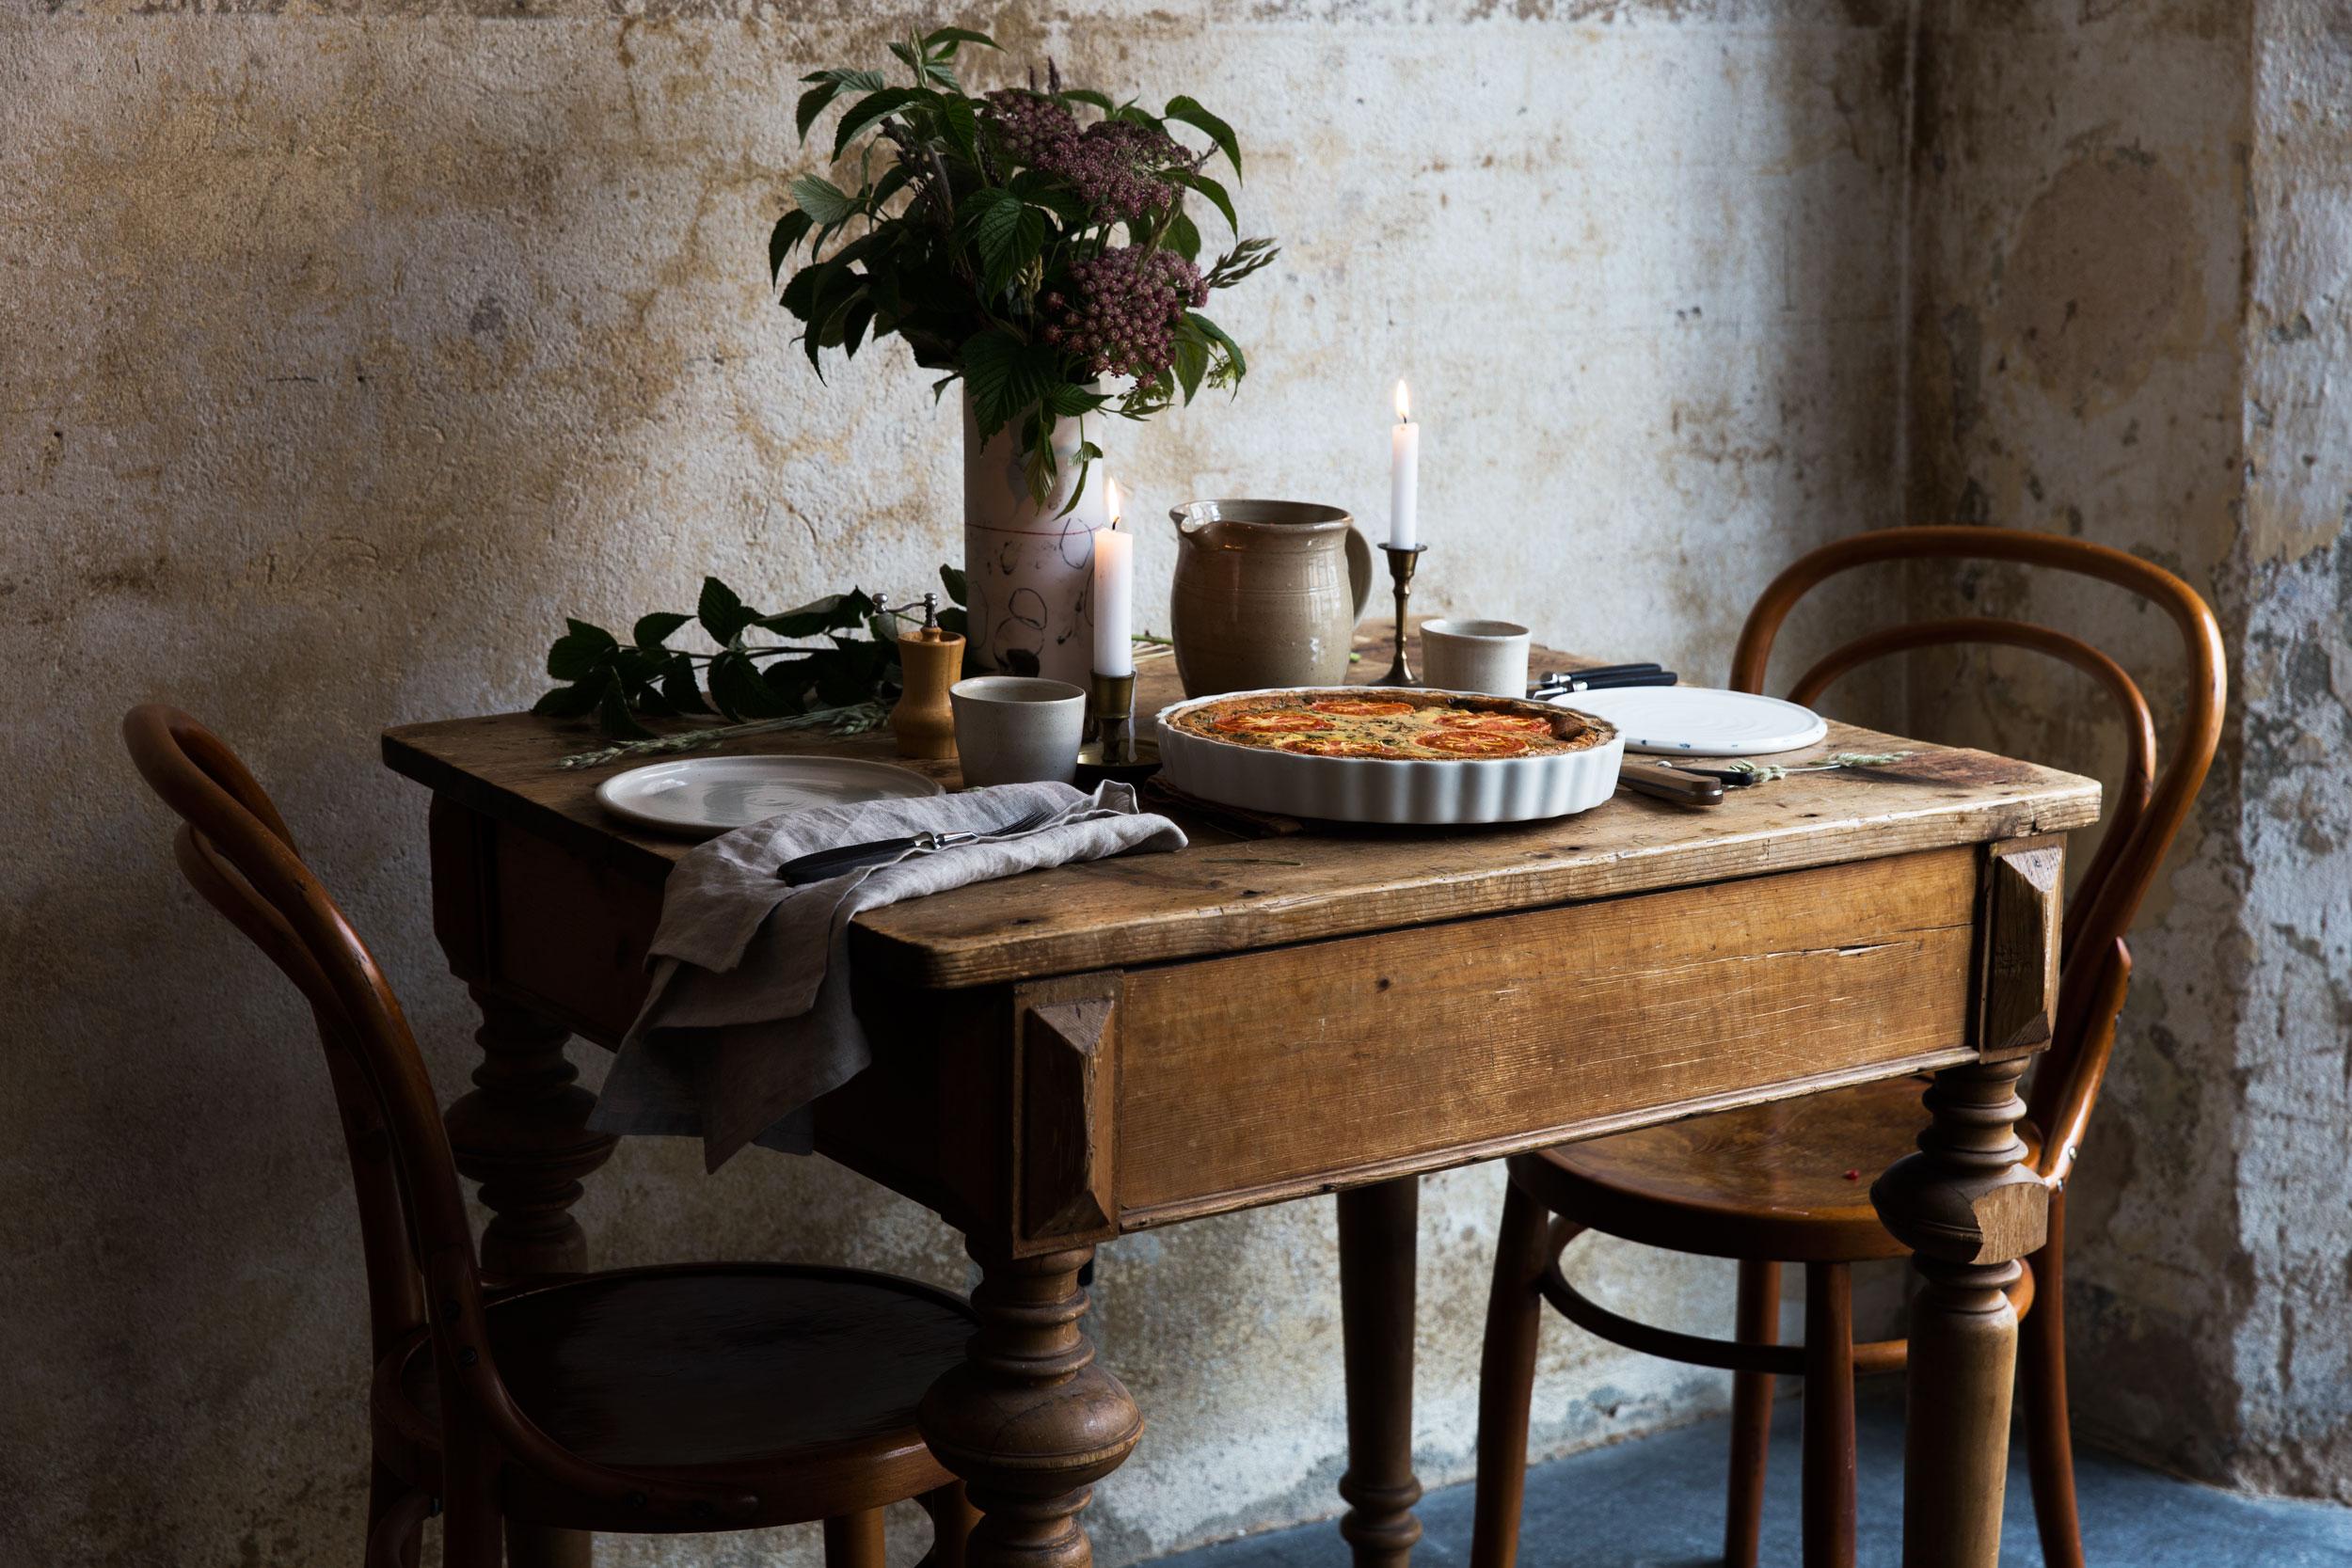 Rustikal gedeckter Tisch mit Tomaten-Quiche